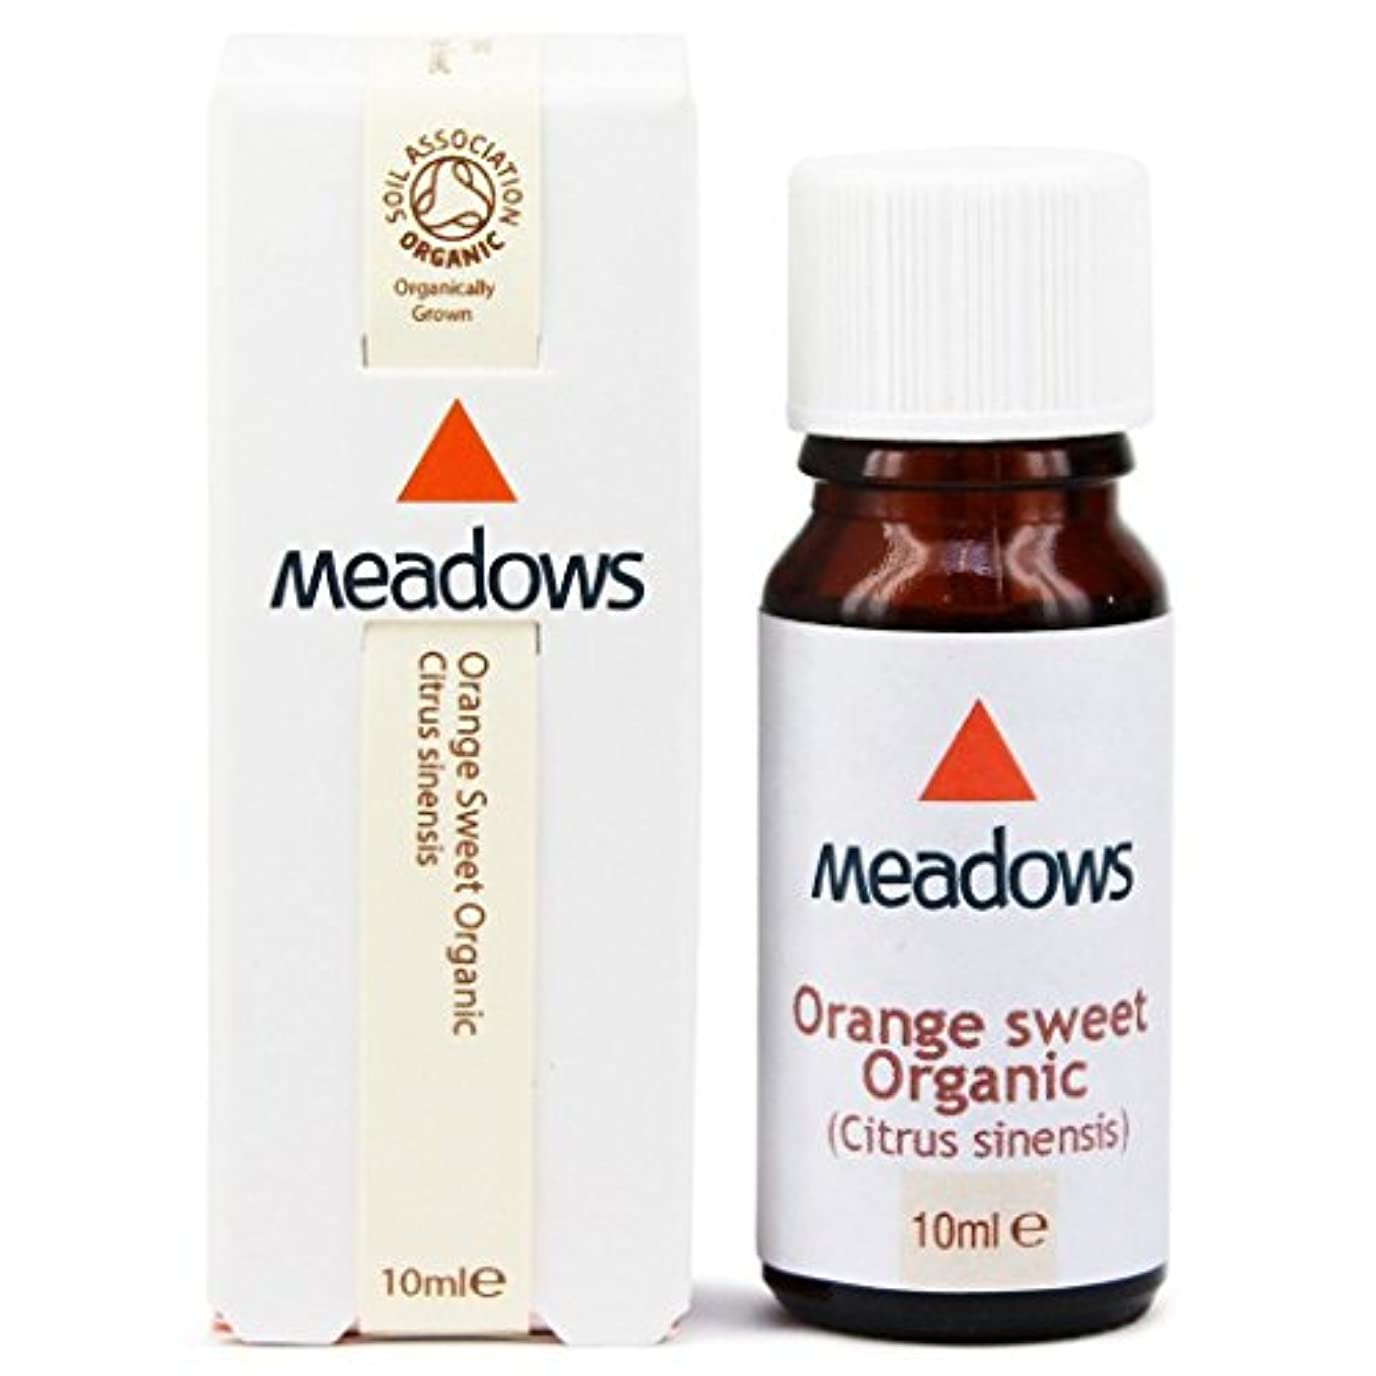 機会明らか小さなメドウズ エッセンシャルオイル オレンジ(スイート) 10ml